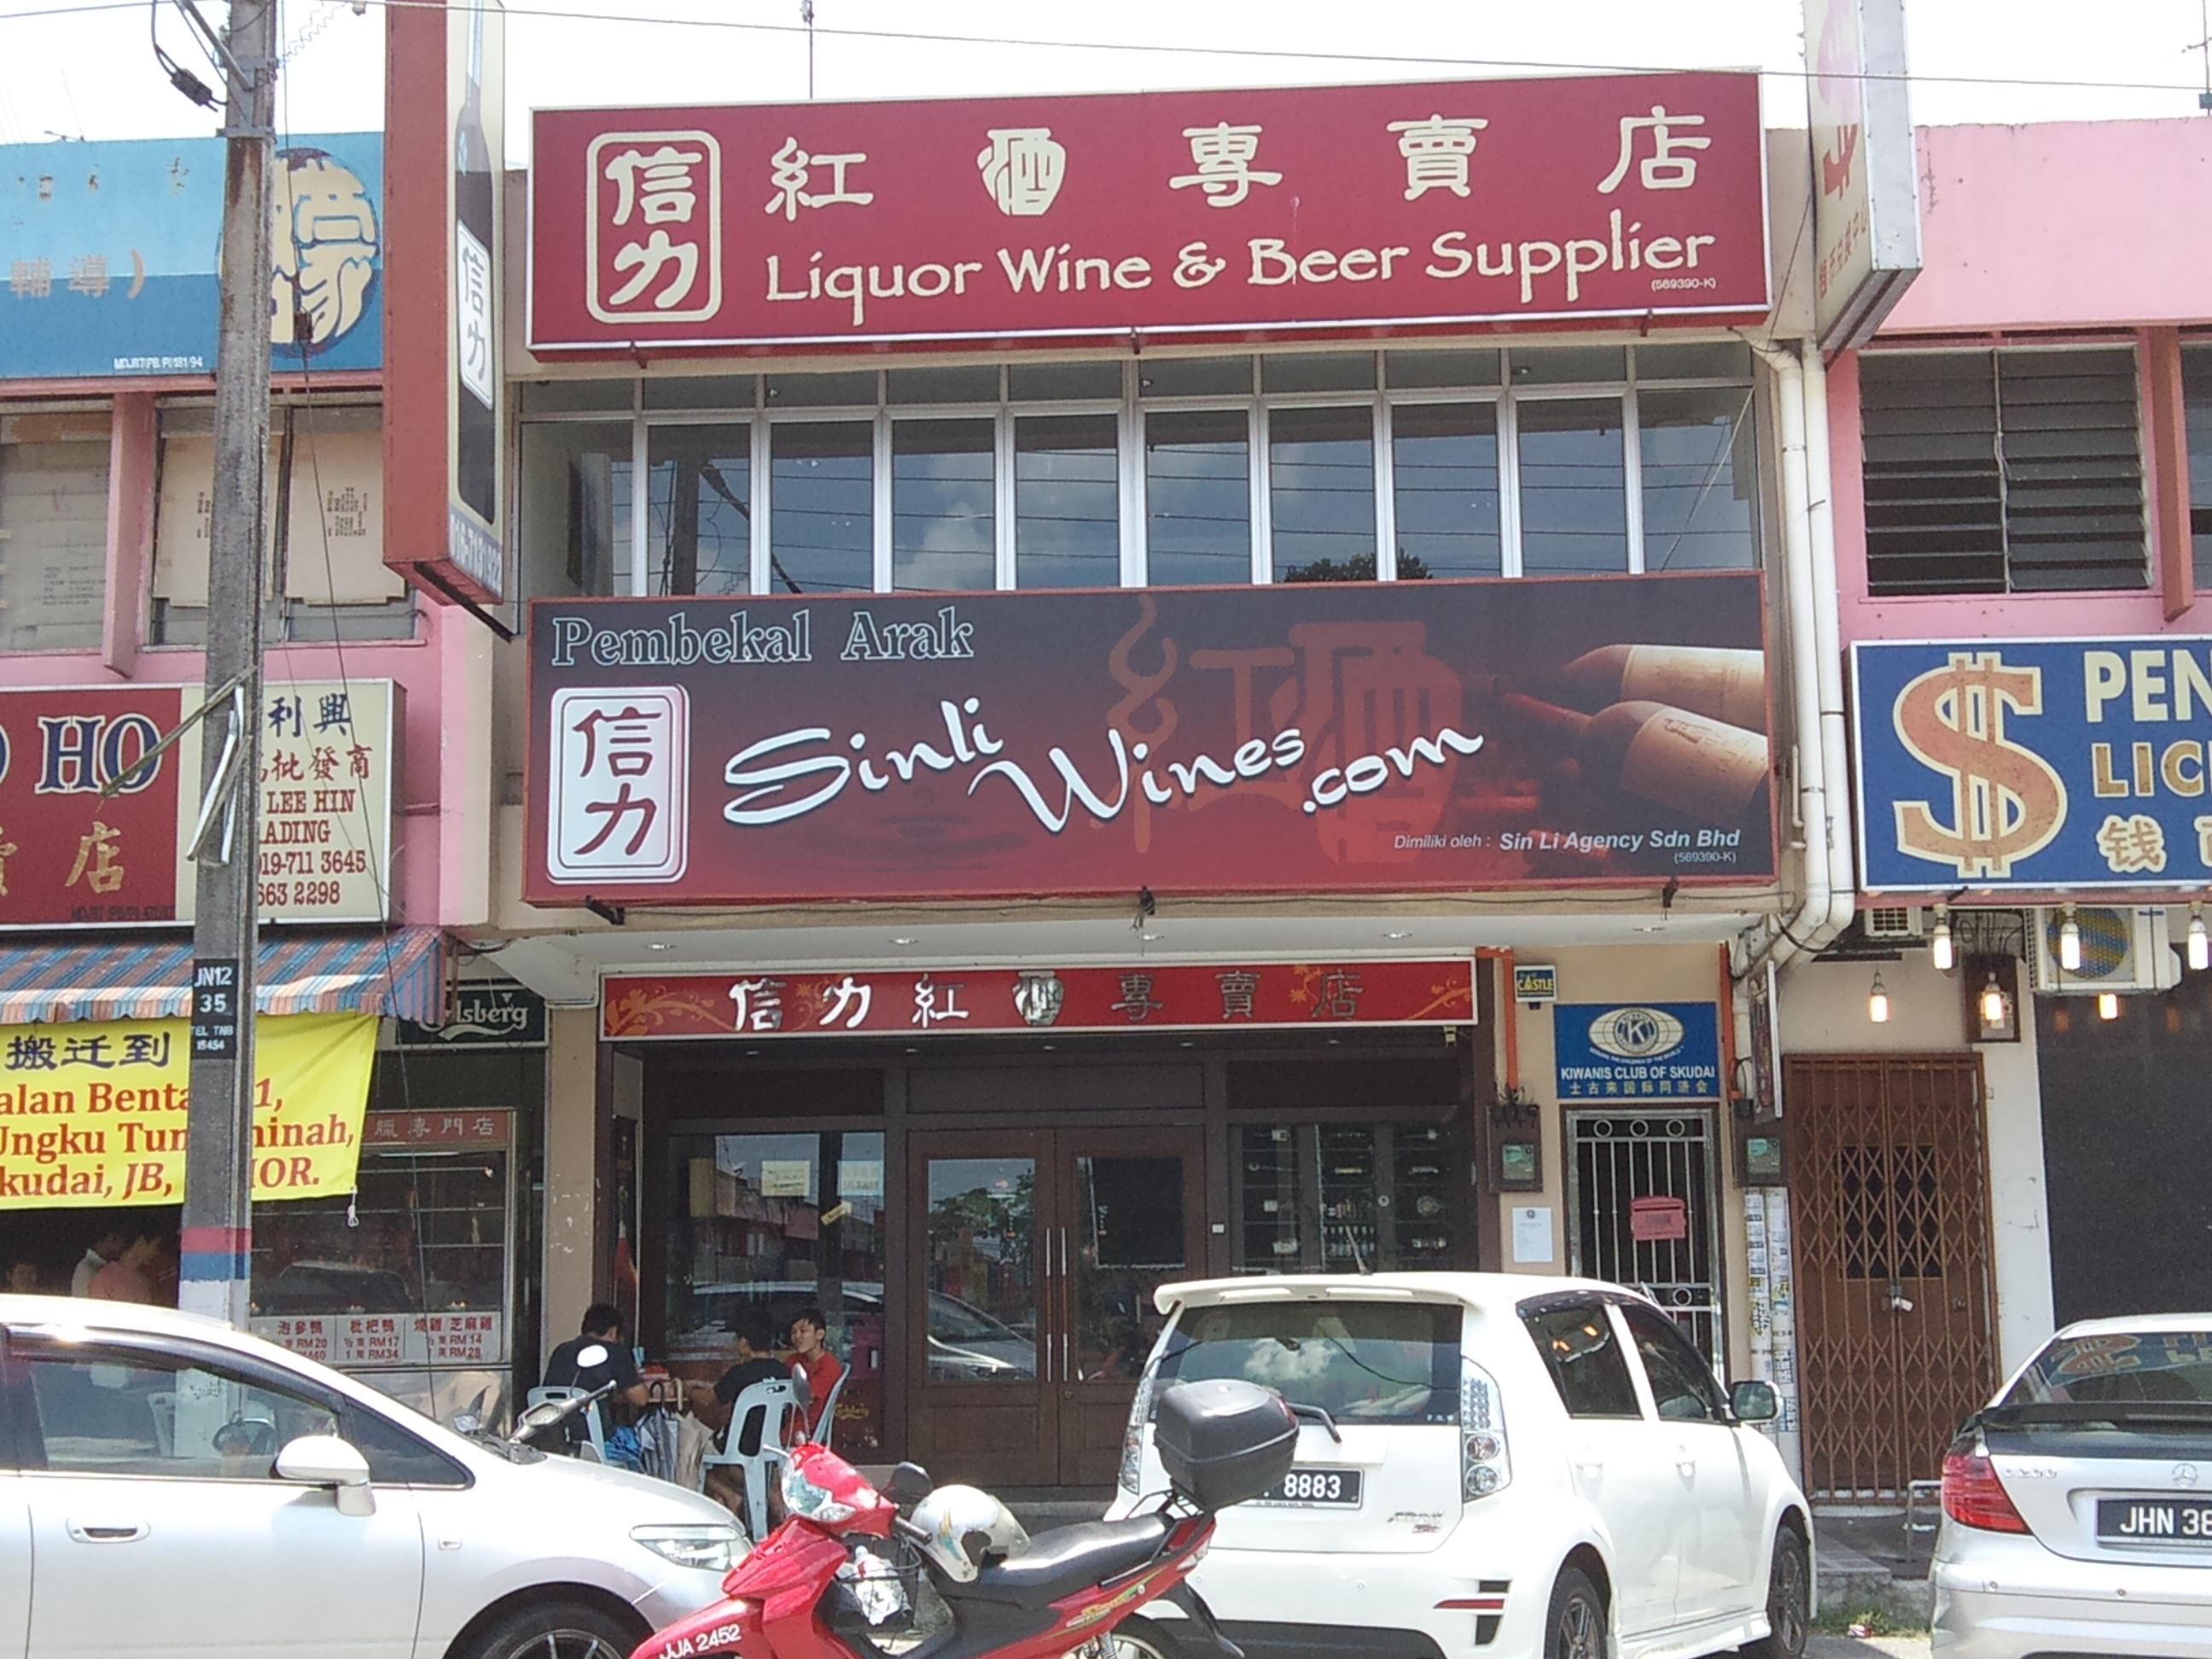 Fish aquarium in johor bahru - Johor Bahru S Brewers And Wines Supply Shop At Johor Malaysia